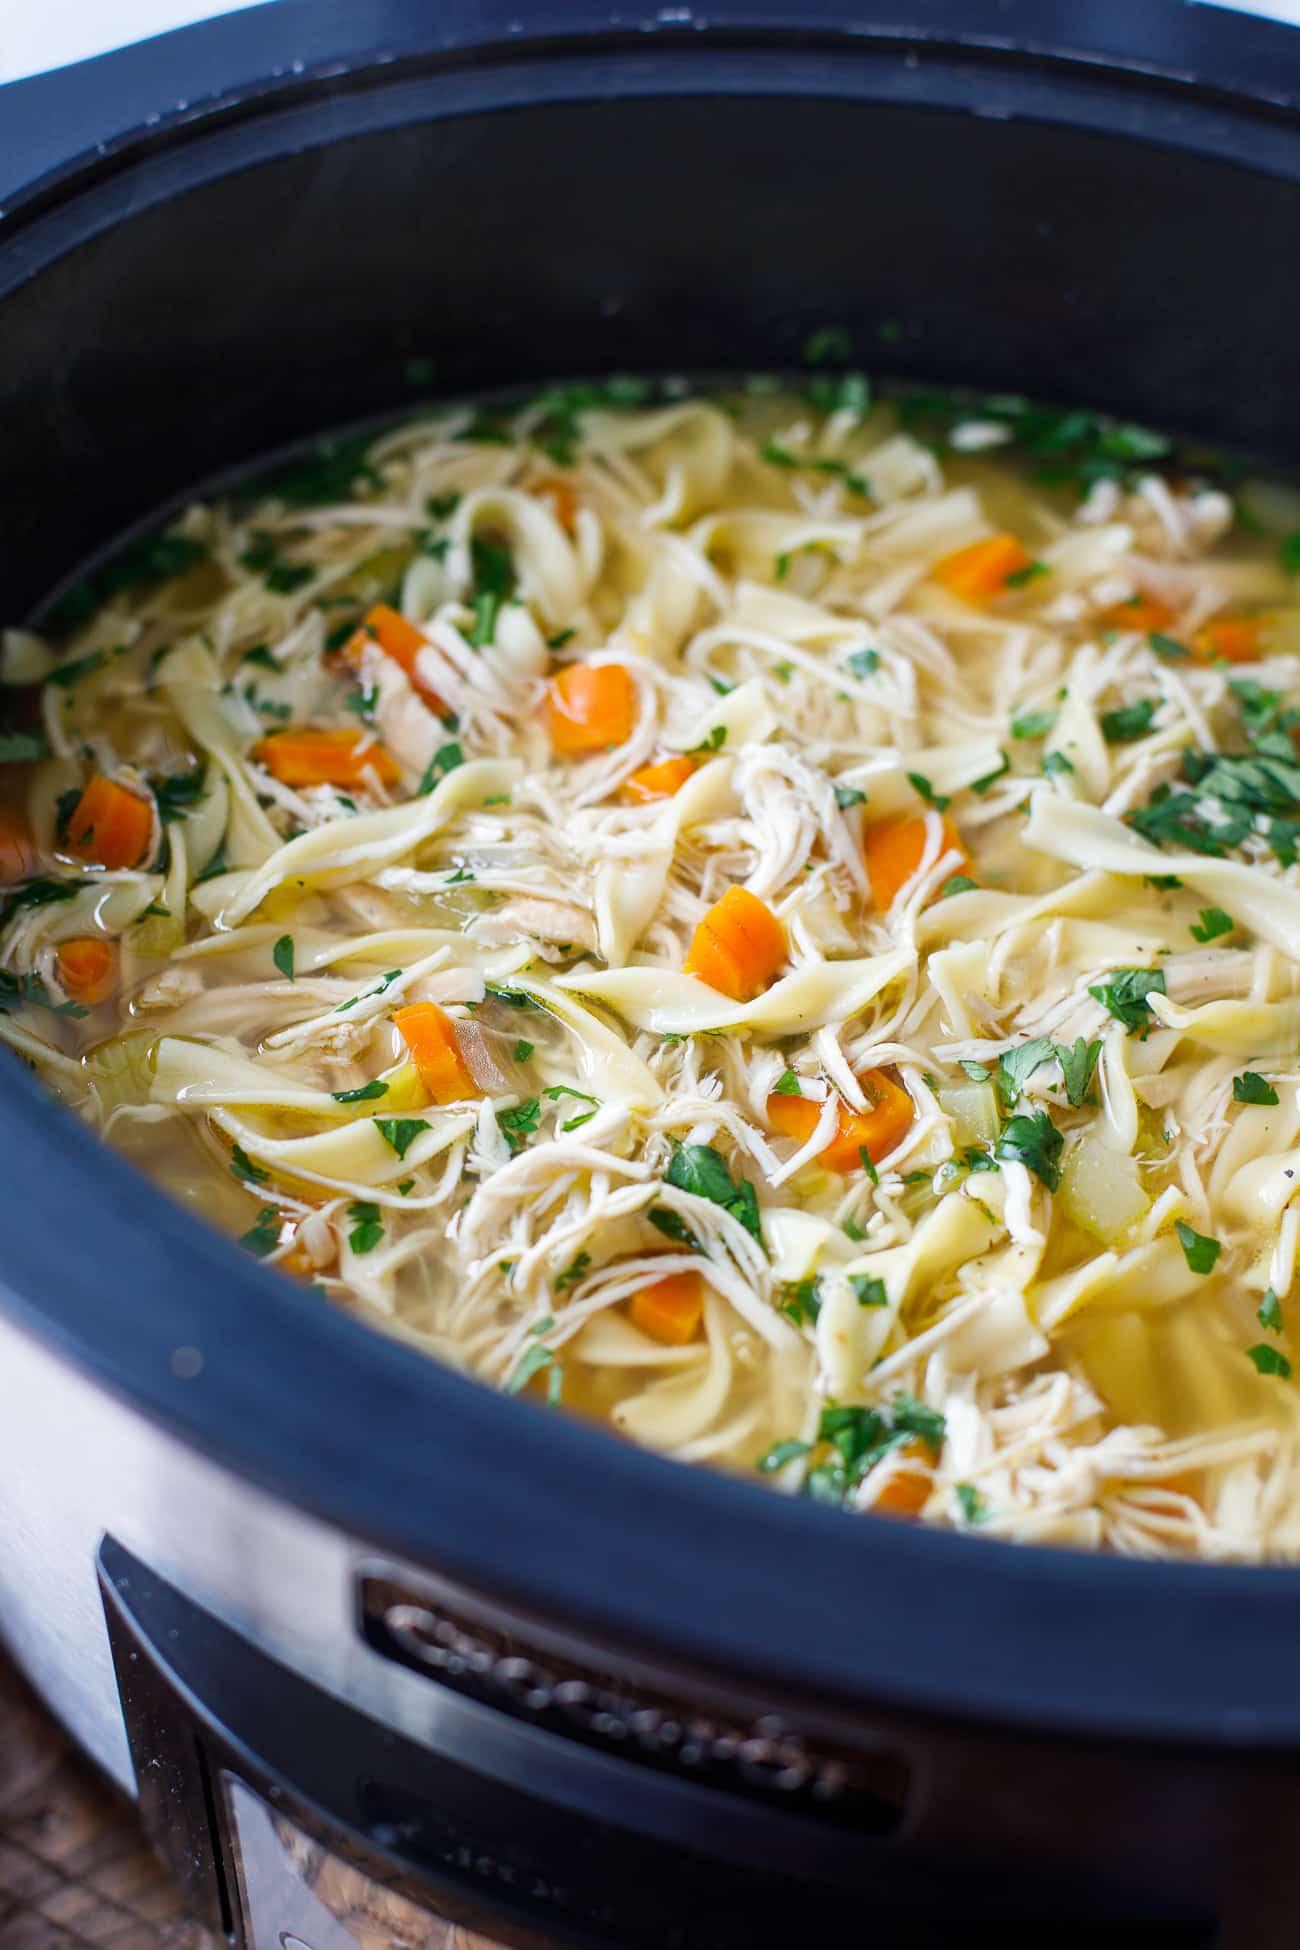 Chicken Noodle Soup In Crock Pot  Crock Pot Chicken Noodle Soup Recipe